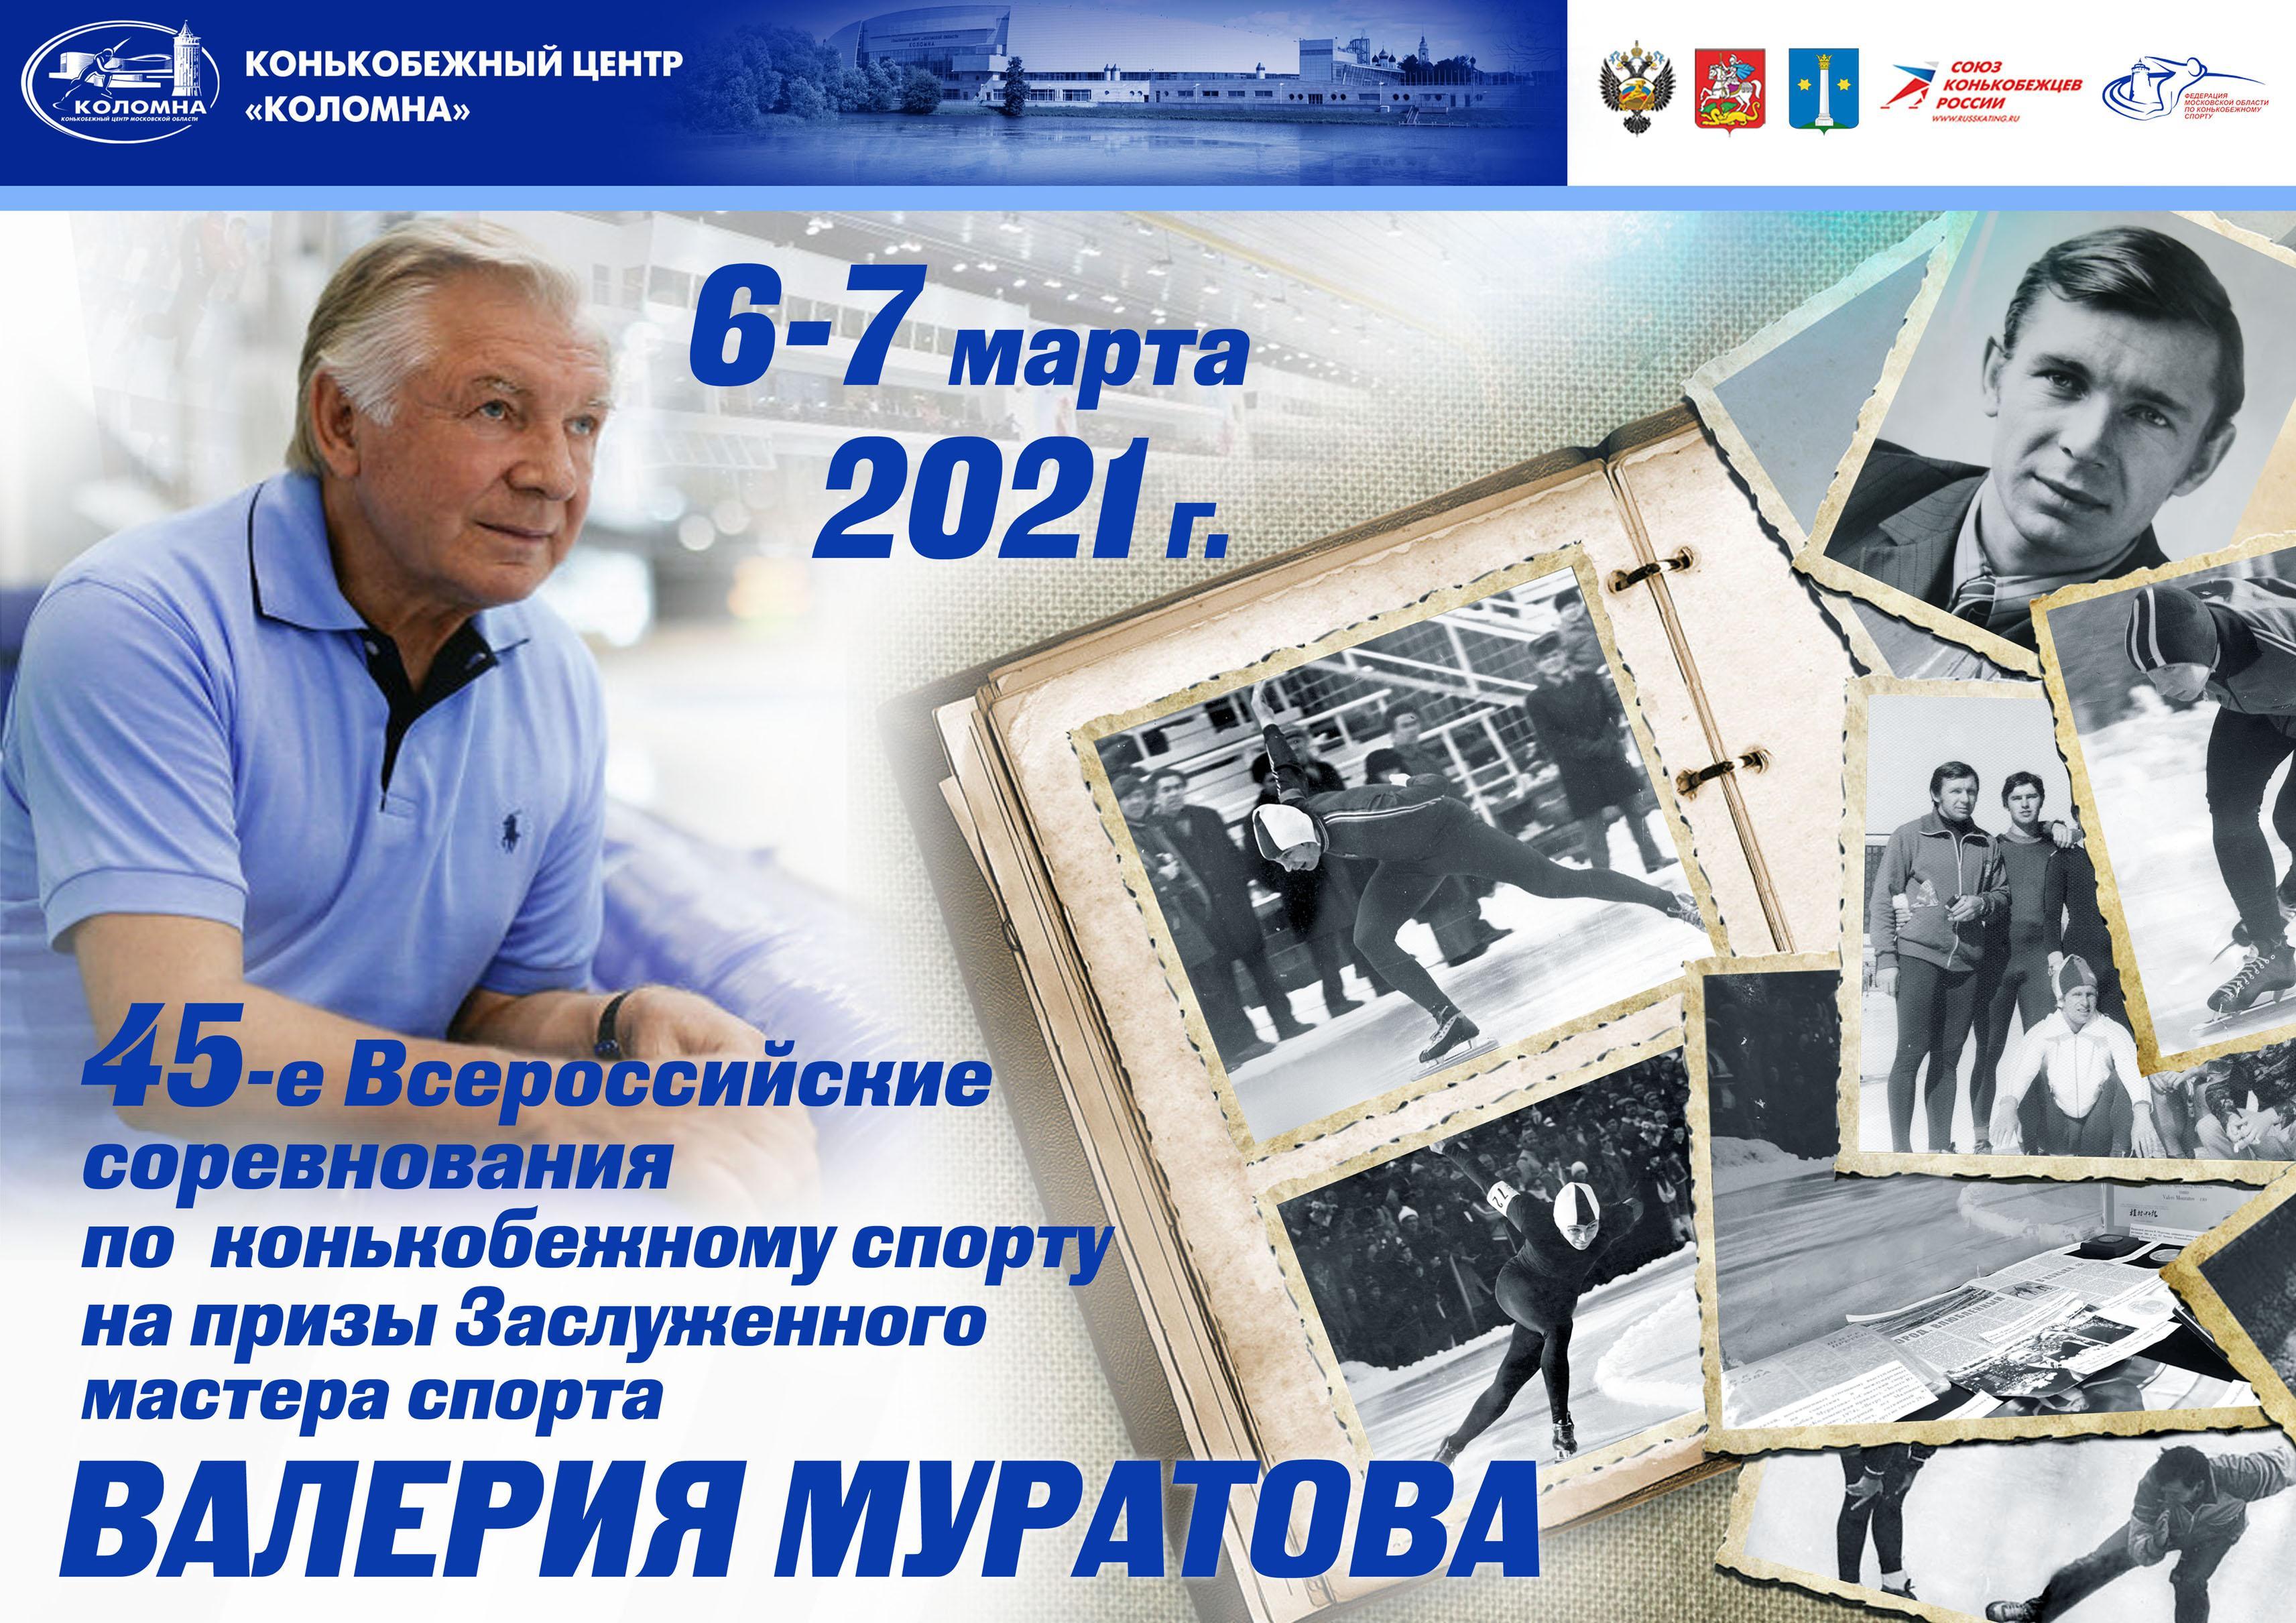 В Коломне пройдут 45-е всероссийские соревнования на призы Валерия Муратова